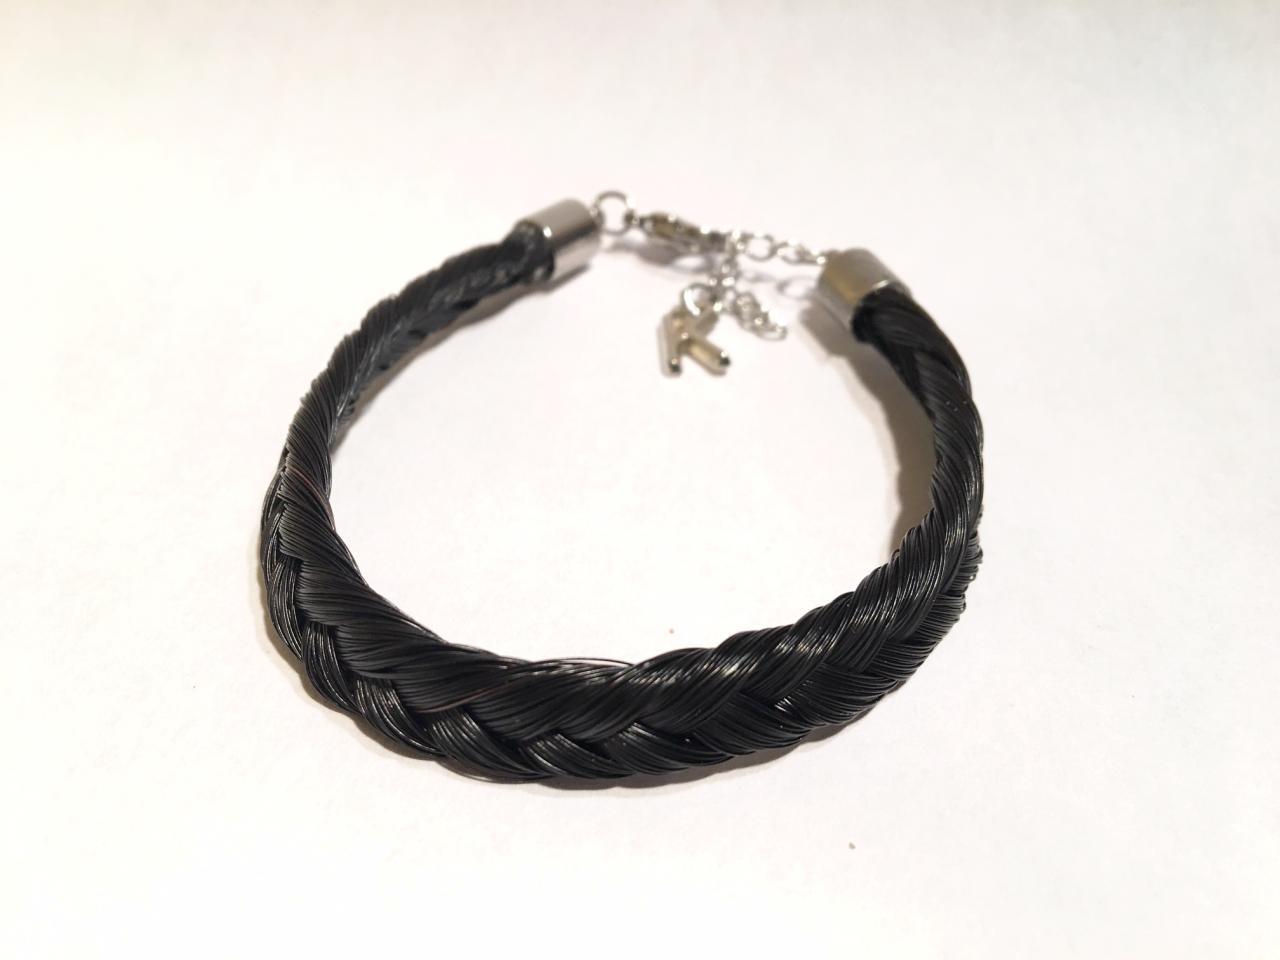 Bracelet en crins de cheval noir avec une initiale